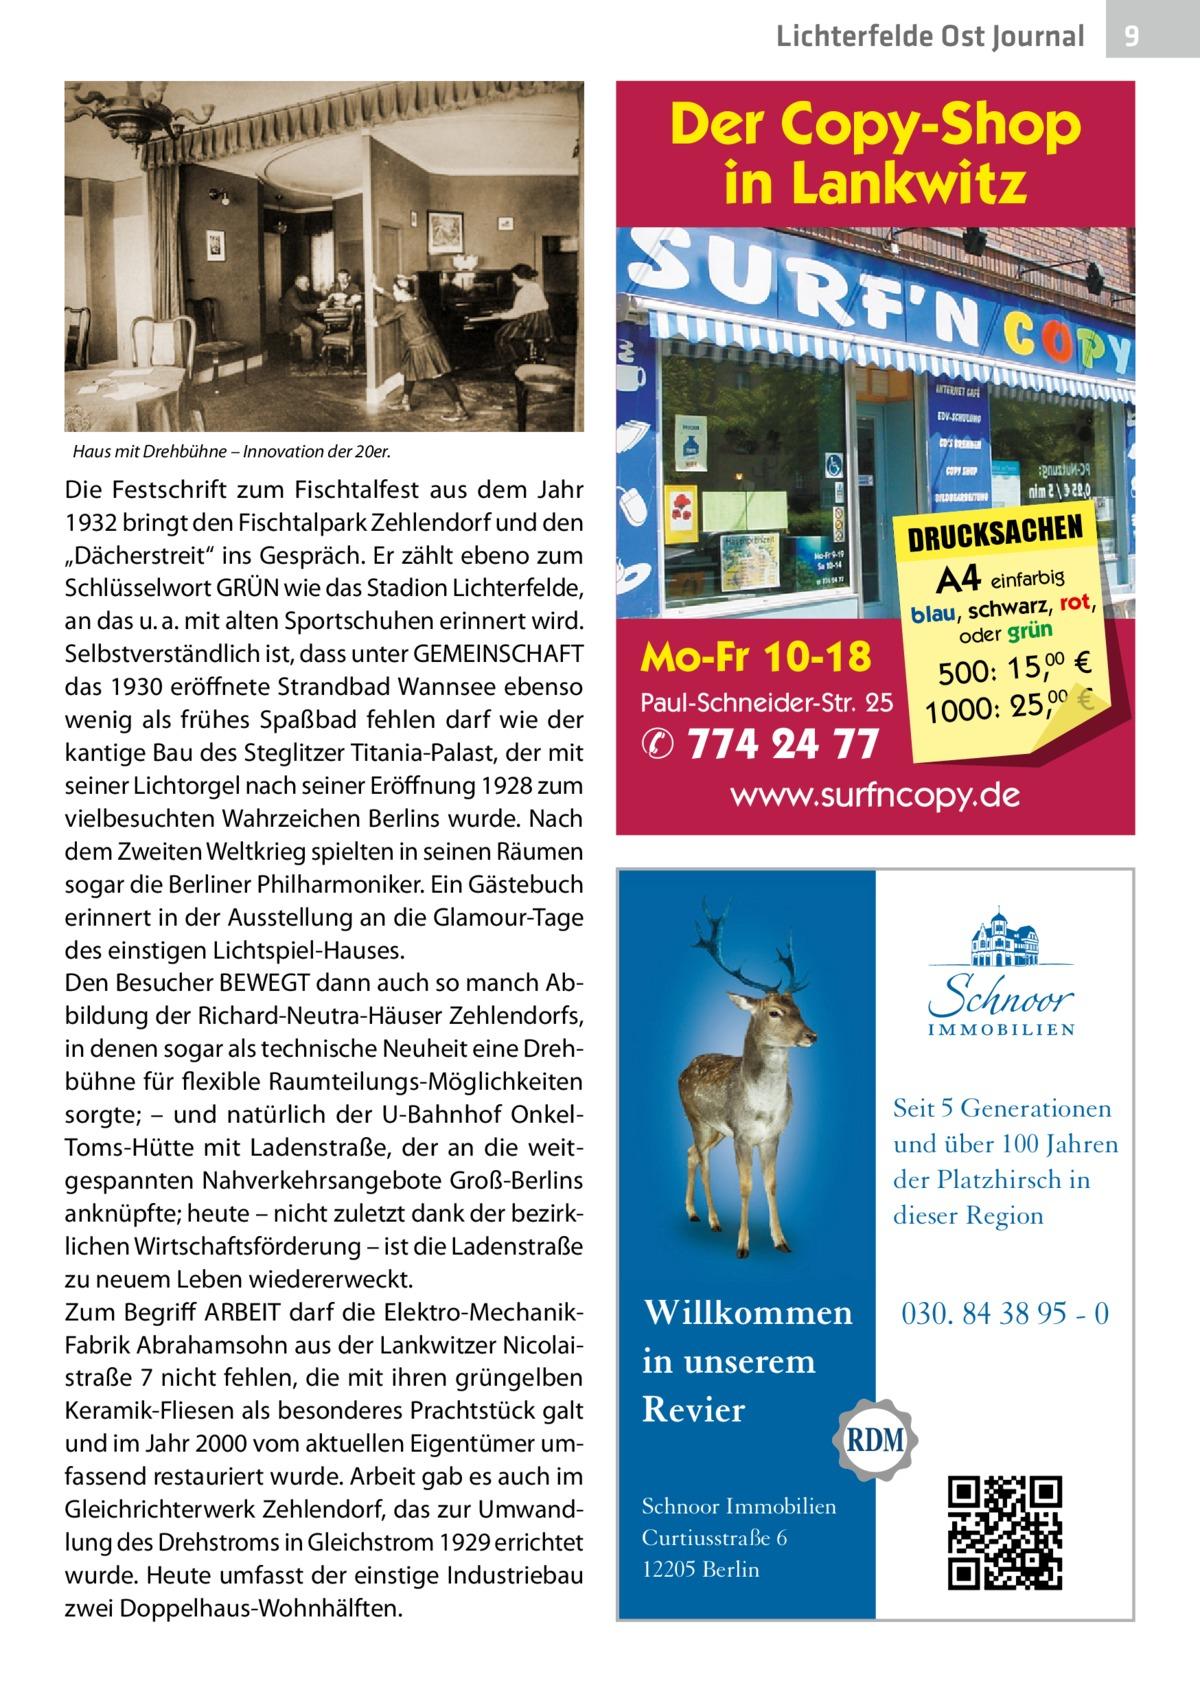 """Lichterfelde Ost Journal  Der Copy-Shop in Lankwitz  Haus mit Drehbühne – Innovation der 20er.  Die Festschrift zum Fischtalfest aus dem Jahr 1932 bringt den Fischtalpark Zehlendorf und den """"Dächerstreit"""" ins Gespräch. Er zählt ebeno zum Schlüsselwort GRÜN wie das Stadion Lichterfelde, an das u.a. mit alten Sportschuhen erinnert wird. Selbstverständlich ist, dass unter GEMEINSCHAFT das 1930 eröffnete Strandbad Wannsee ebenso wenig als frühes Spaßbad fehlen darf wie der kantige Bau des Steglitzer Titania-Palast, der mit seiner Lichtorgel nach seiner Eröffnung 1928 zum vielbesuchten Wahrzeichen Berlins wurde. Nach dem Zweiten Weltkrieg spielten in seinen Räumen sogar die Berliner Philharmoniker. Ein Gästebuch erinnert in der Ausstellung an die Glamour-Tage des einstigen Lichtspiel-Hauses. Den Besucher BEWEGT dann auch so manch Abbildung der Richard-Neutra-Häuser Zehlendorfs, in denen sogar als technische Neuheit eine Drehbühne für flexible Raumteilungs-Möglichkeiten sorgte; – und natürlich der U-Bahnhof OnkelToms-Hütte mit Ladenstraße, der an die weitgespannten Nahverkehrsangebote Groß-Berlins anknüpfte; heute – nicht zuletzt dank der bezirklichen Wirtschaftsförderung – ist die Ladenstraße zu neuem Leben wiedererweckt. Zum Begriff ARBEIT darf die Elektro-MechanikFabrik Abrahamsohn aus der Lankwitzer Nicolaistraße7 nicht fehlen, die mit ihren grüngelben Keramik-Fliesen als besonderes Prachtstück galt und im Jahr 2000 vom aktuellen Eigentümer umfassend restauriert wurde. Arbeit gab es auch im Gleichrichterwerk Zehlendorf, das zur Umwandlung des Drehstroms in Gleichstrom 1929 errichtet wurde. Heute umfasst der einstige Industriebau zwei Doppelhaus-Wohnhälften.  DRUCKSACHEN  A4 einfarbigrot,  Mo-Fr 10-18  blau, schwarz, oder grün  500: 15, € Paul-Schneider-Str. 25 1000: 25,00 € 00  ✆ 774 24 77  www.surfncopy.de  Seit 5 Generationen und über 100 Jahren der Platzhirsch in dieser Region  Willkommen in unserem Revier Schnoor Immobilien Curtiusstraße 6 12205 Berlin  030. 84 38"""